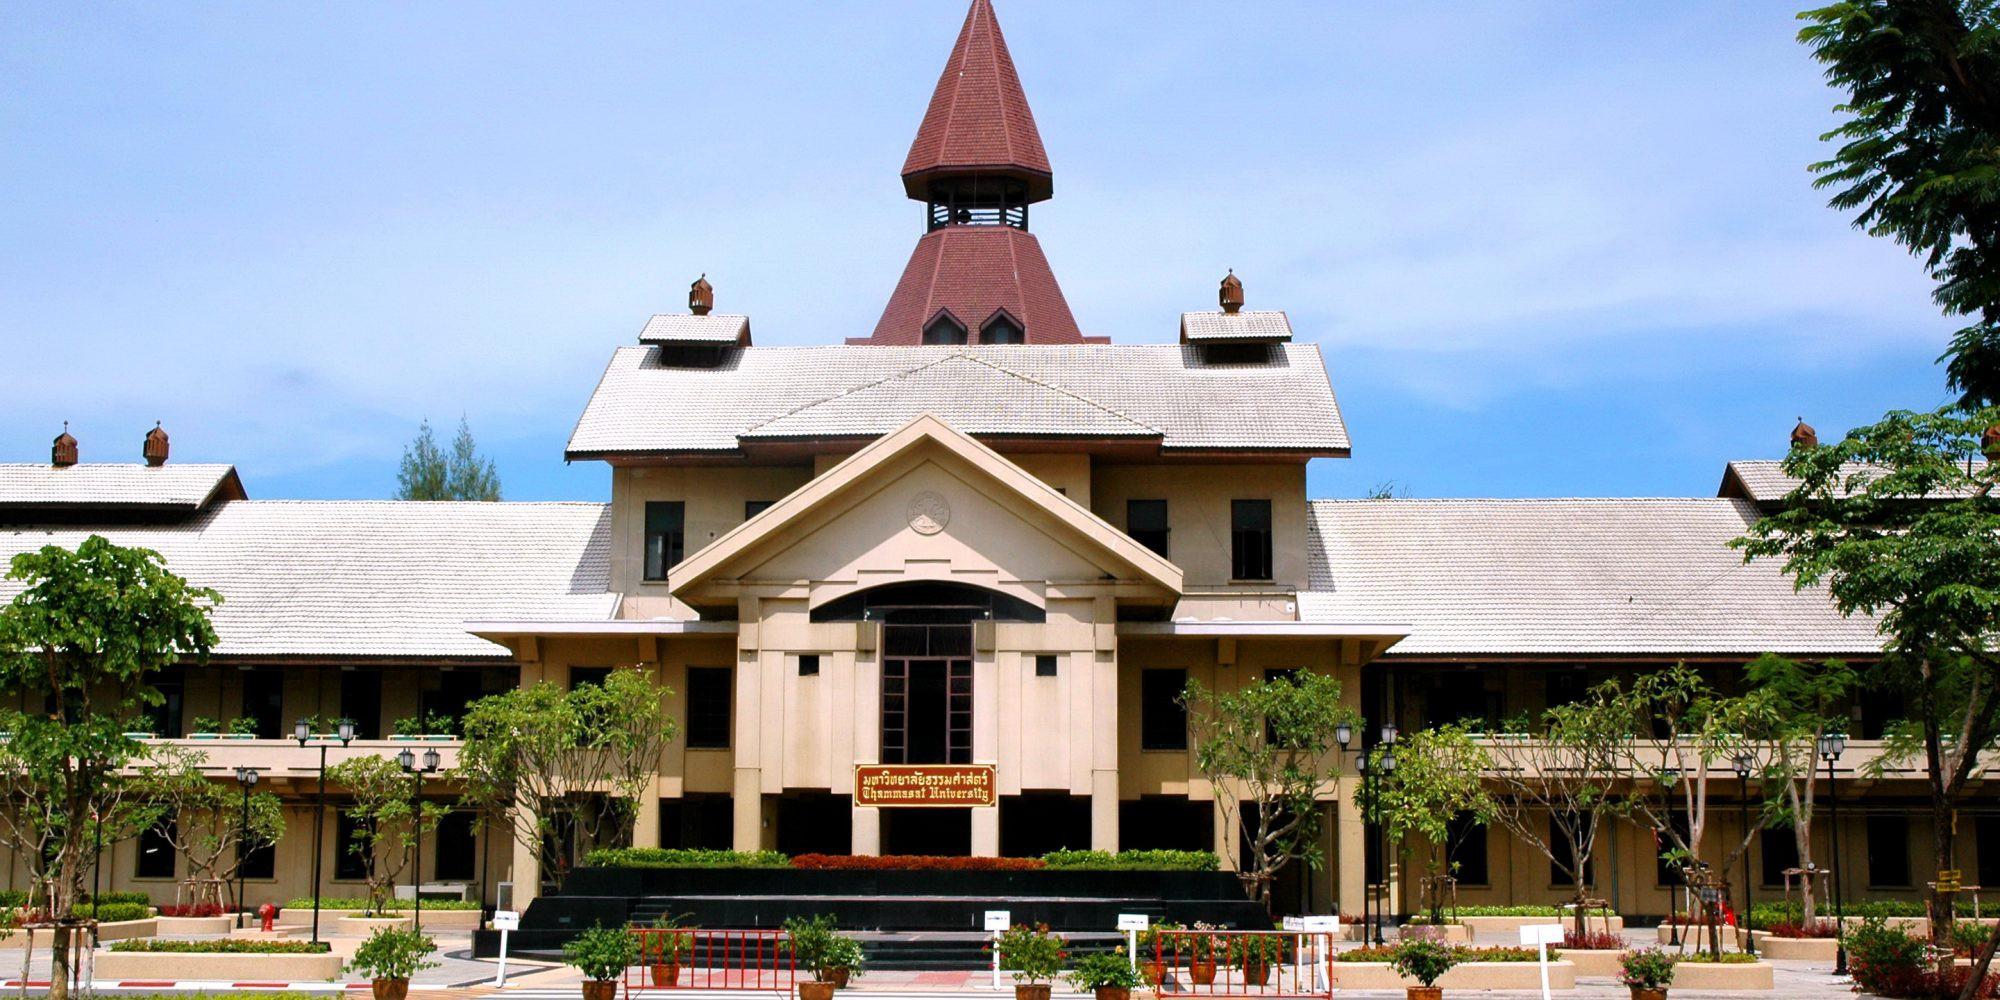 Profile khủng của tội đồ khiến Thái Lan trượt vé chung kết AFF CUP: Cử nhân ngành Y trường ĐH tốt bậc nhất xứ chùa vàng - Ảnh 2.